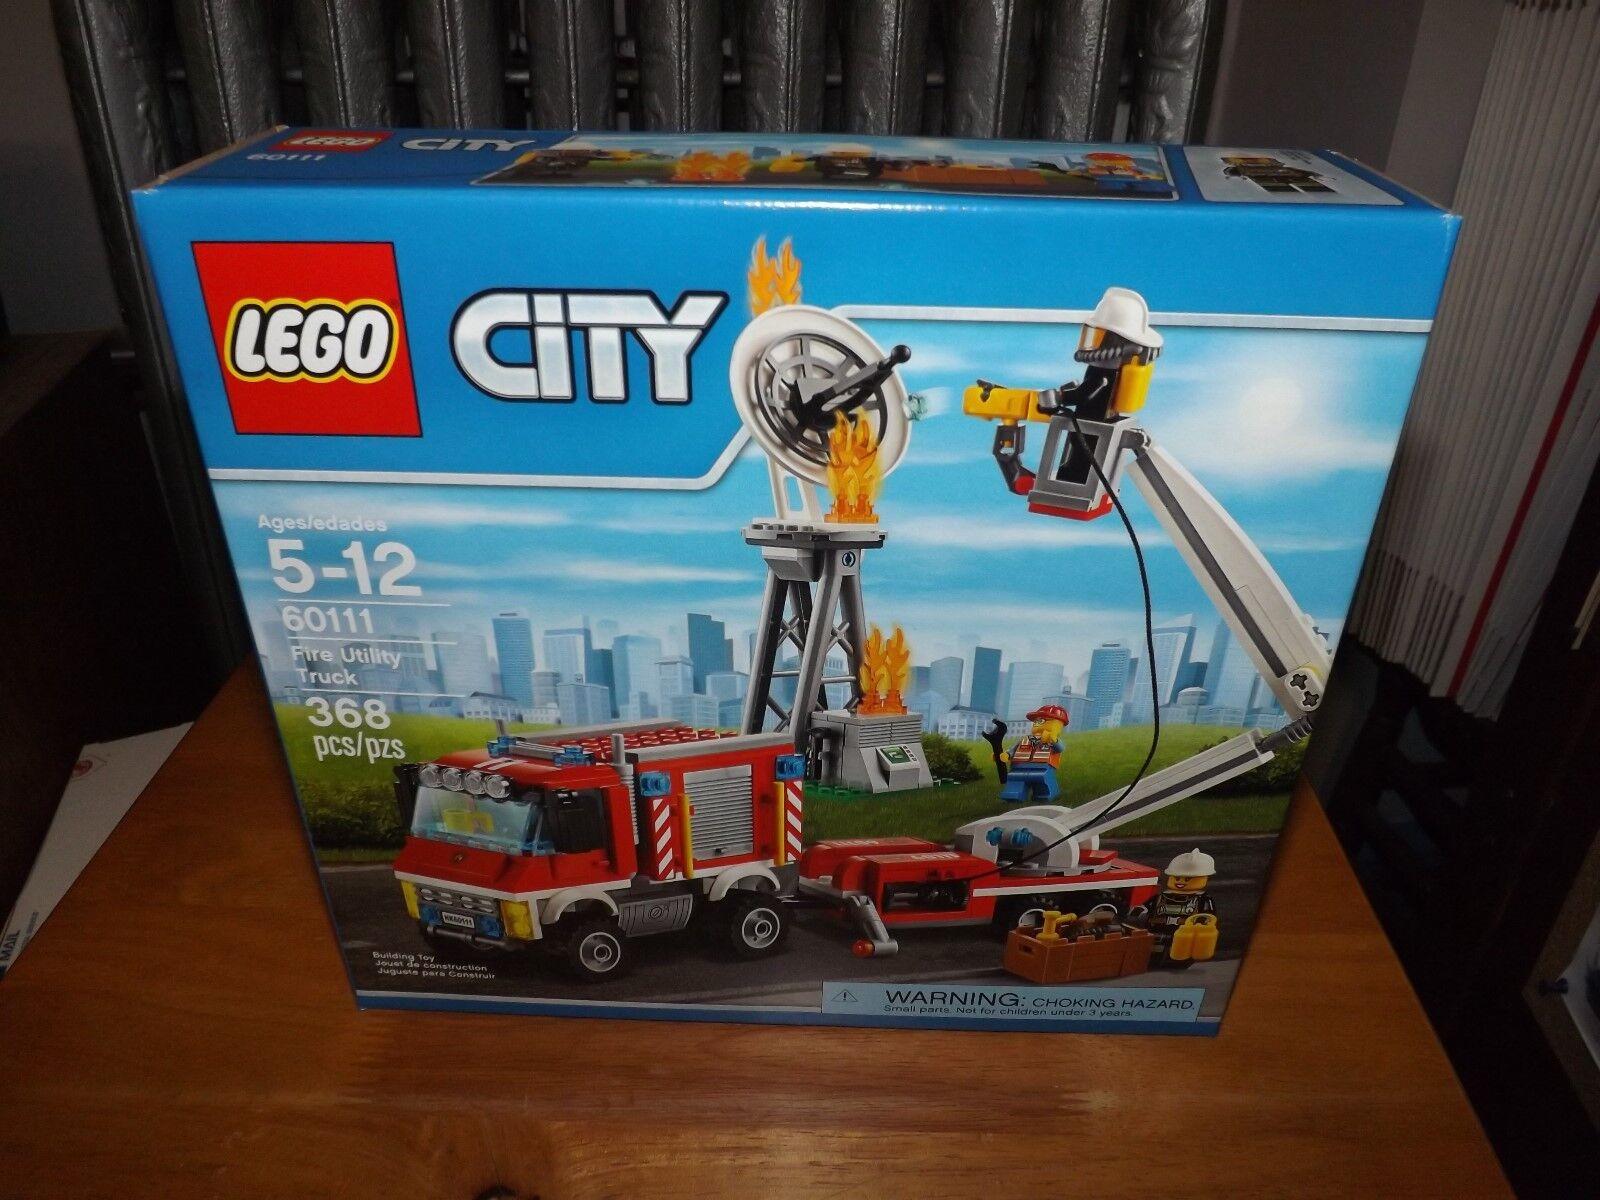 Lego Ciudad Camión de Bomberos, utilidad, Kit  60111, 368 Piezas, Nuevo En Caja, 2016